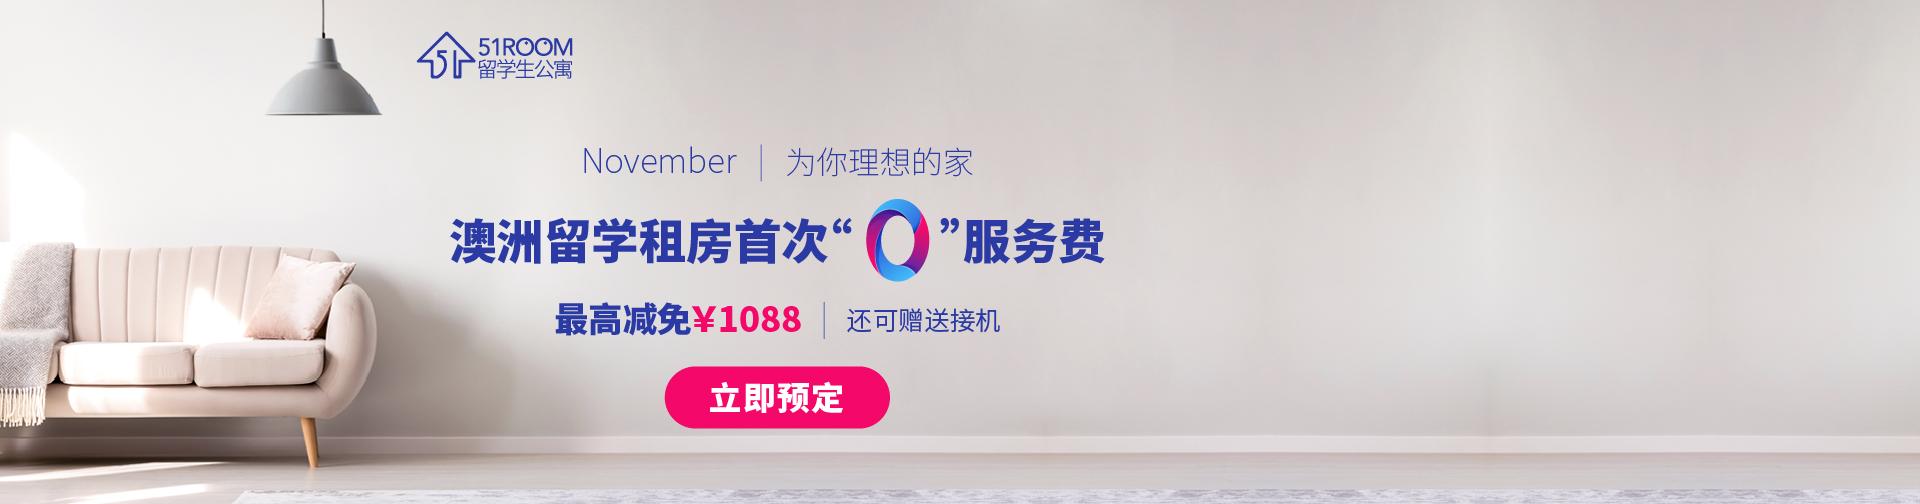 http://myoffer-public.oss-cn-shenzhen.aliyuncs.com/banners/50af2fadfe2cec007841c27878a43fd6-454582-1920x504.jpeg